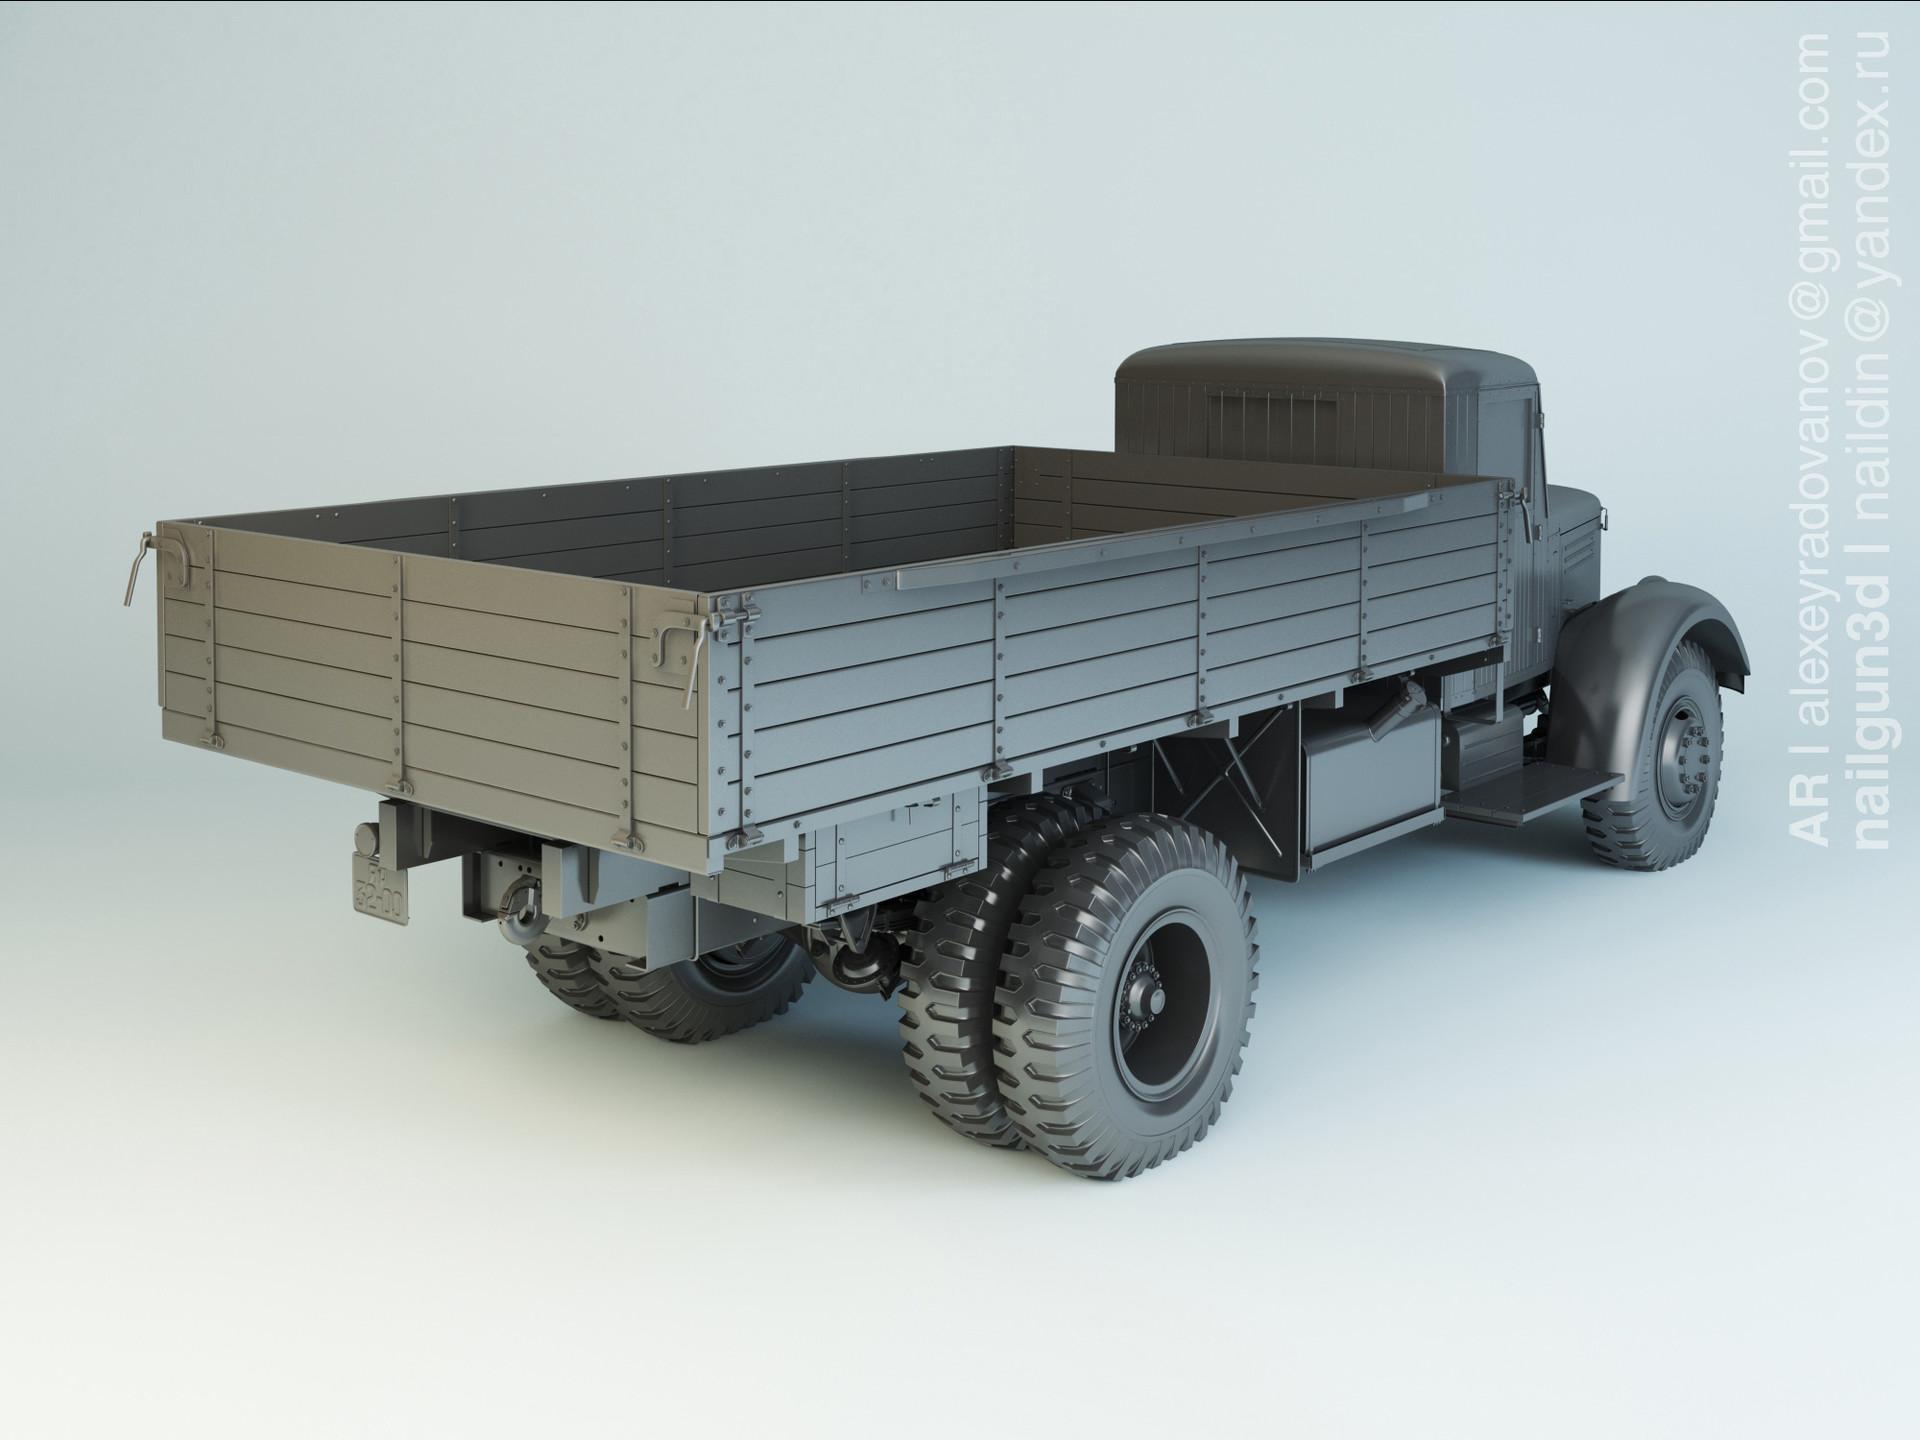 Nail khusnutdinov alg 019 001 yaz 200 modelling 1